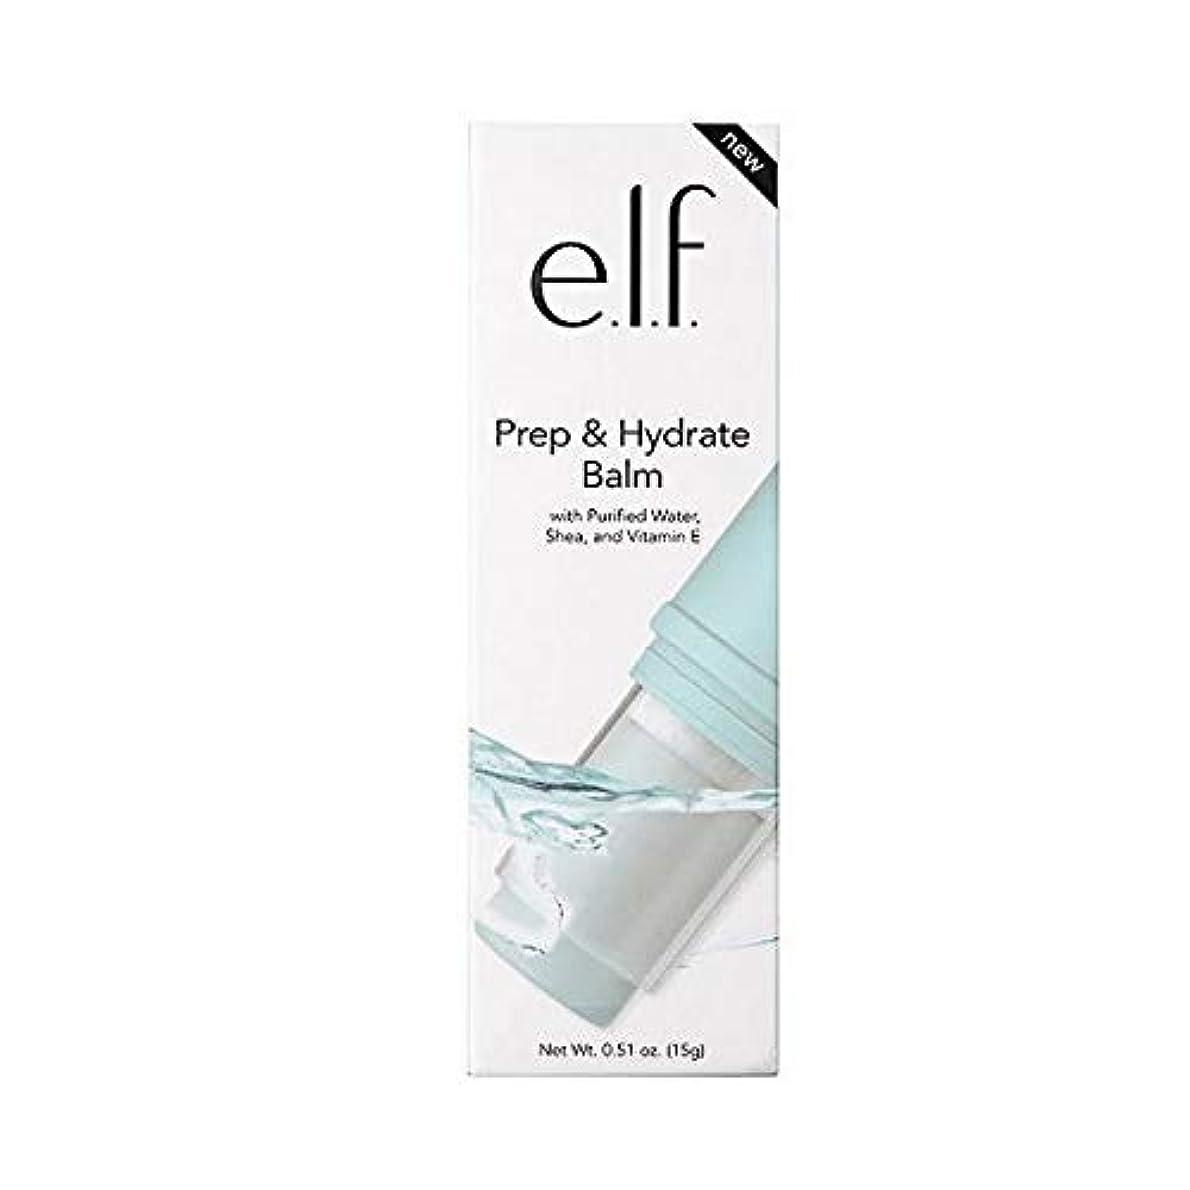 公爵夫人キャプテン獣[Elf ] エルフ。予備校&ハイドレートクリーム - e.l.f. Prep & Hydrate Balm [並行輸入品]